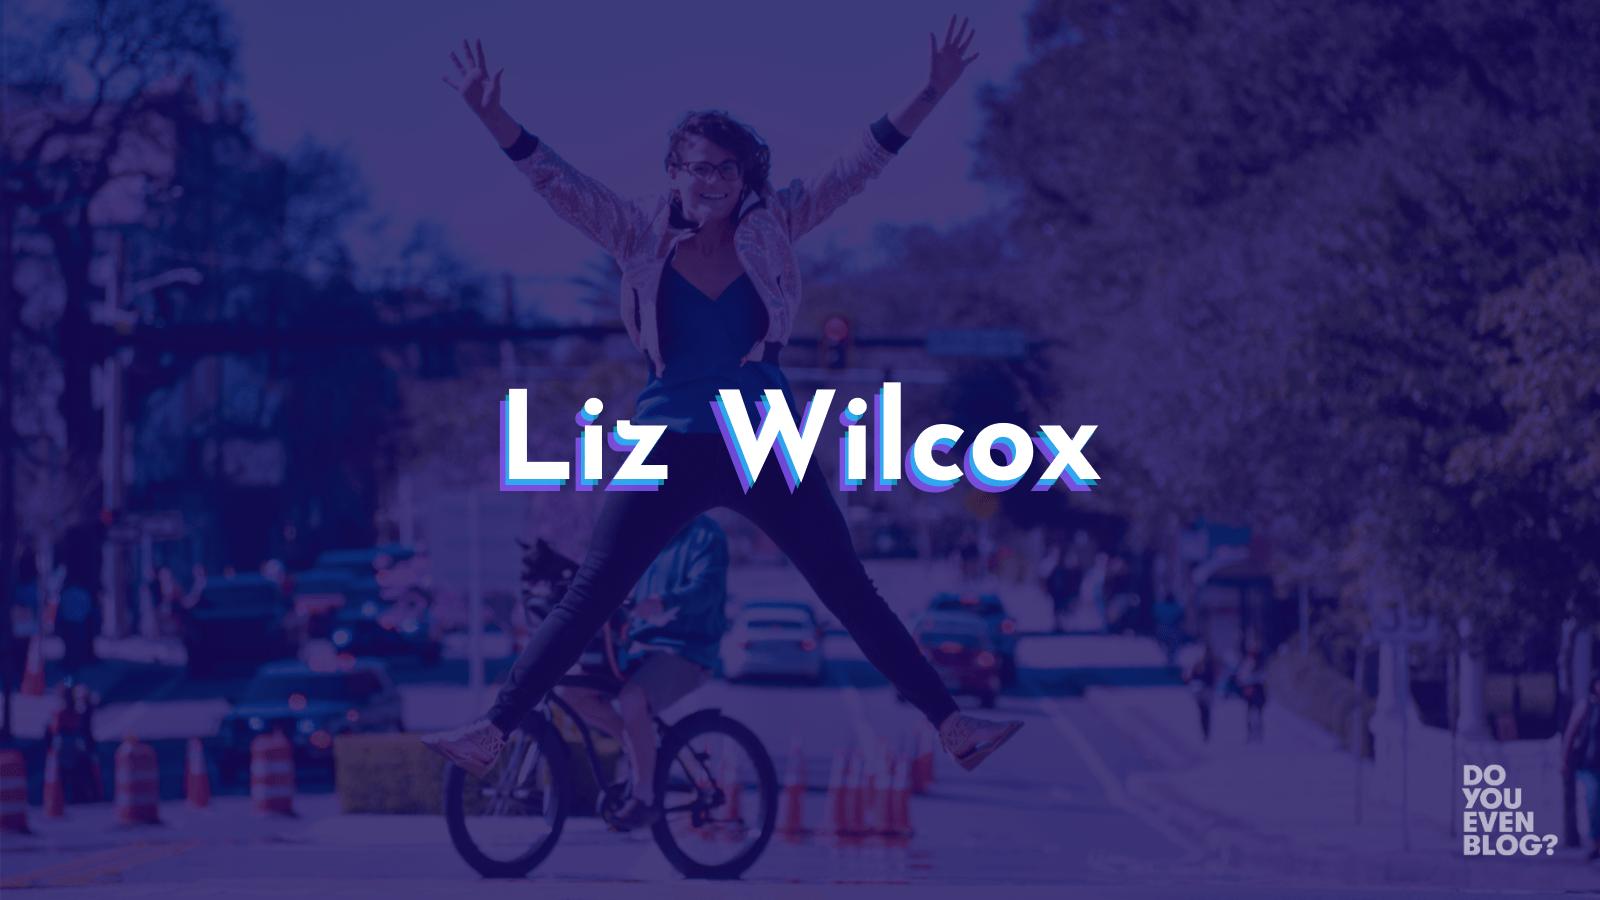 liz wilcox email marketing newsletters